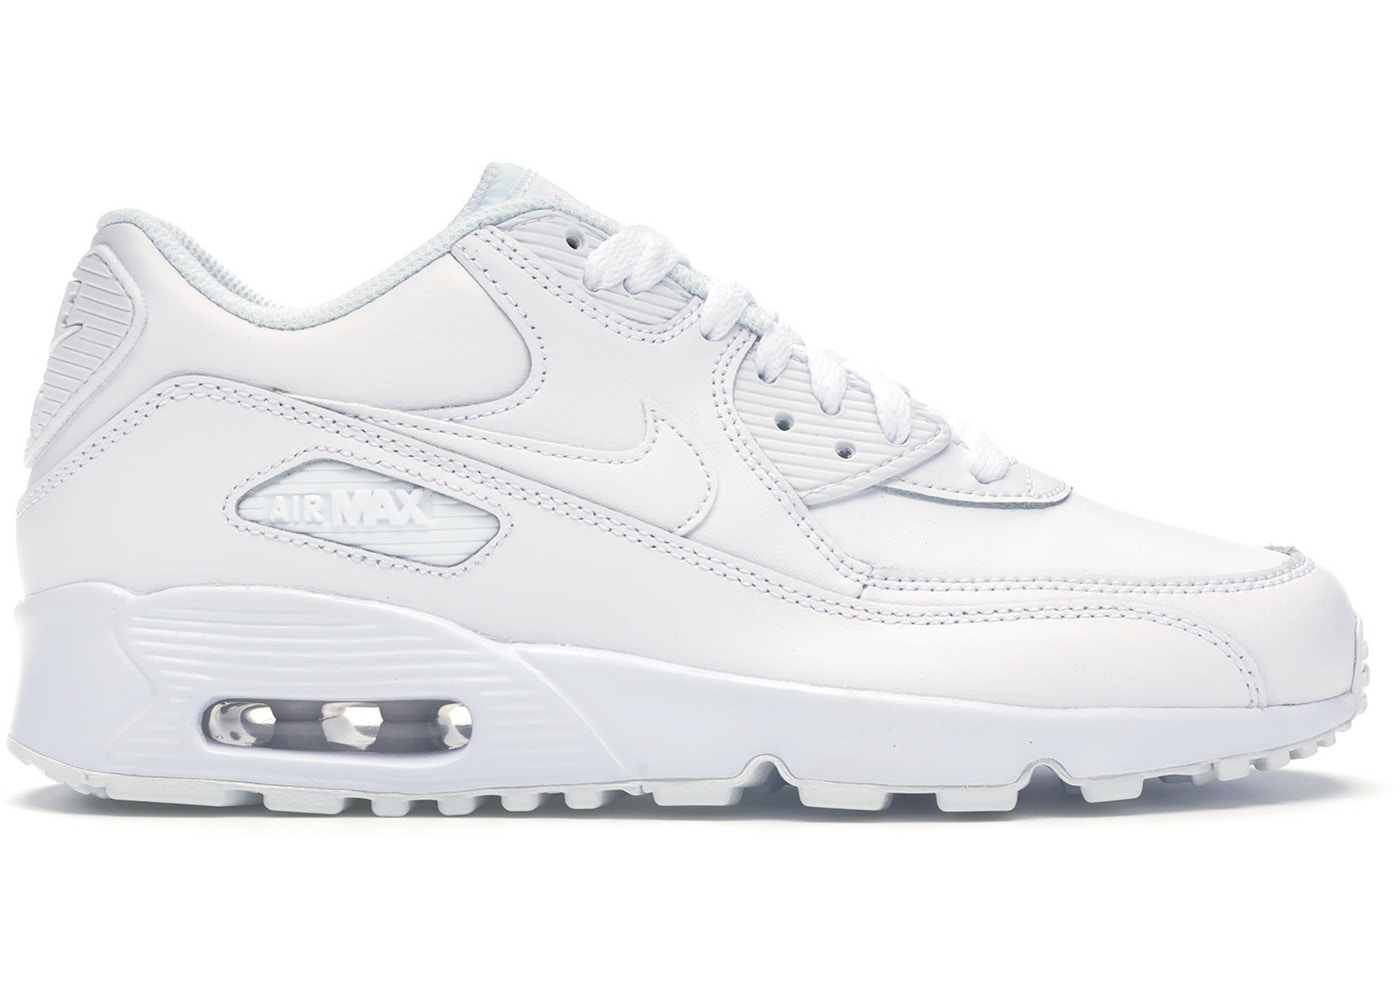 fusión Explicación seno  Nike Air Max 90 White Leather (GS) - 833412-100